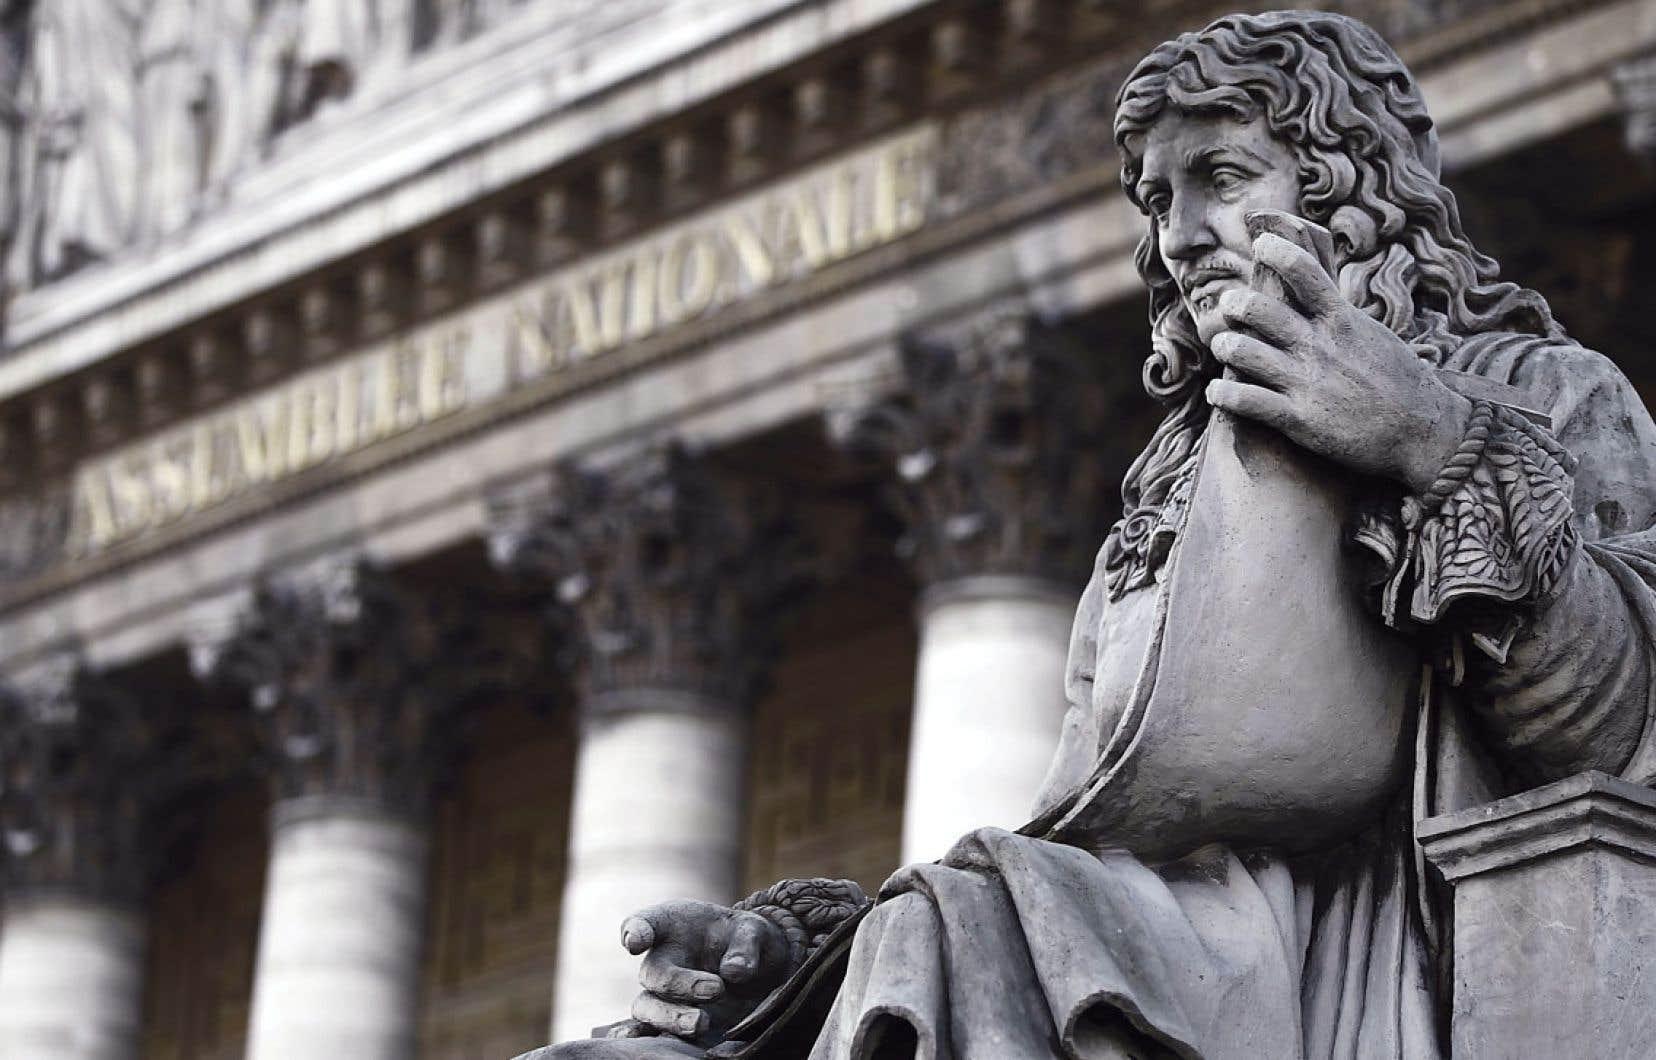 Une statue de Jean-Baptiste Colbert, qui, dans les années 1660, a mis fin à l'envoi de Filles du roi dans les colonies nouvellement passées sous la tutelle de la Marine, trône devant l'Assemblée nationale française.